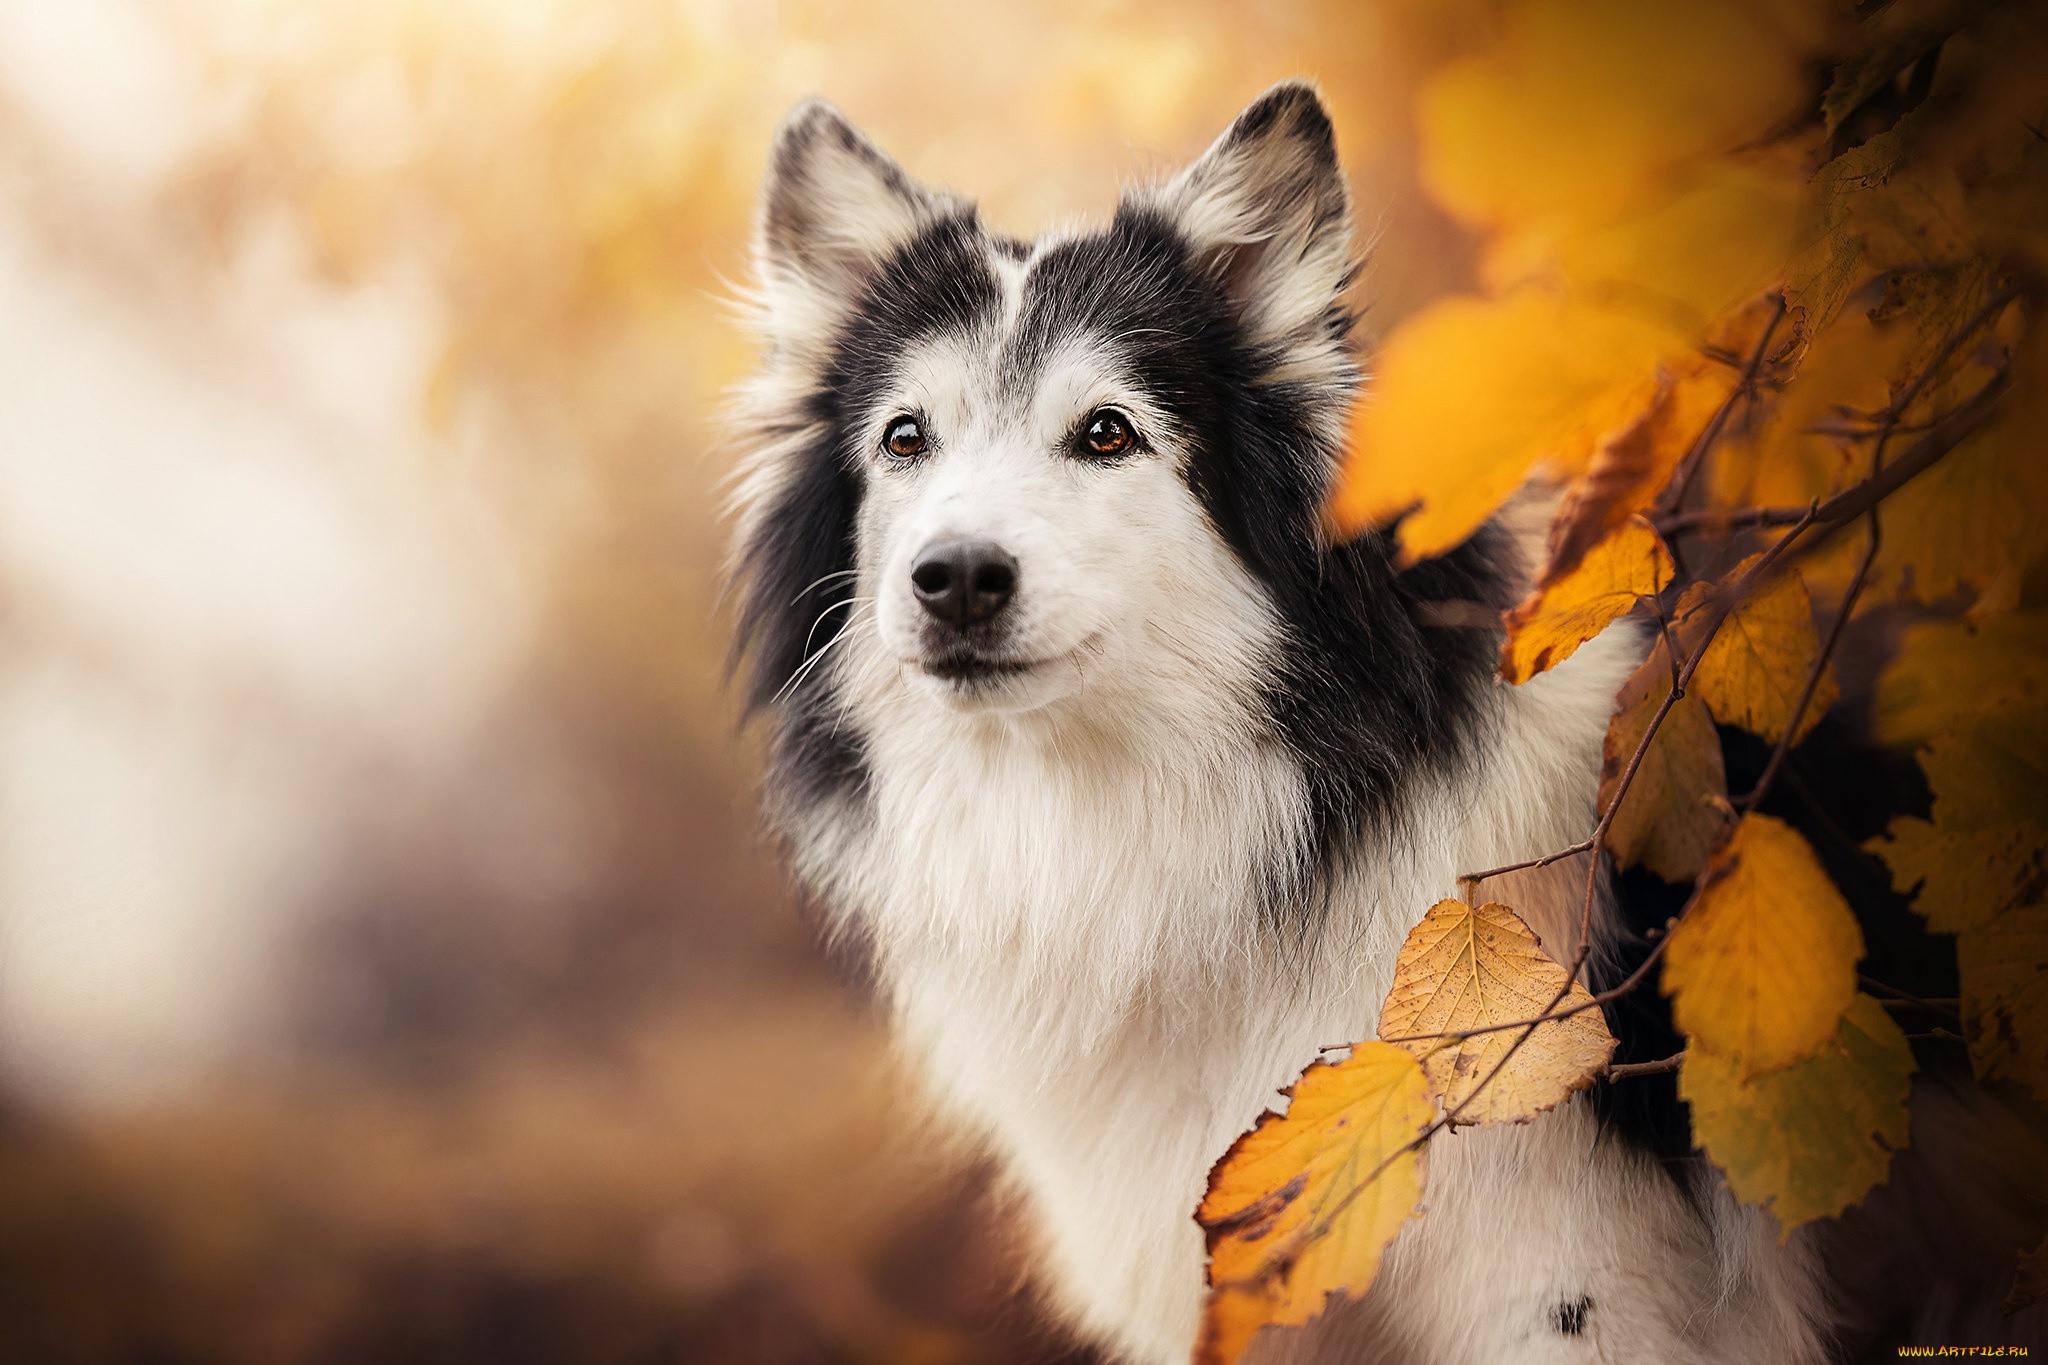 животные, собаки, жёлтые, листья